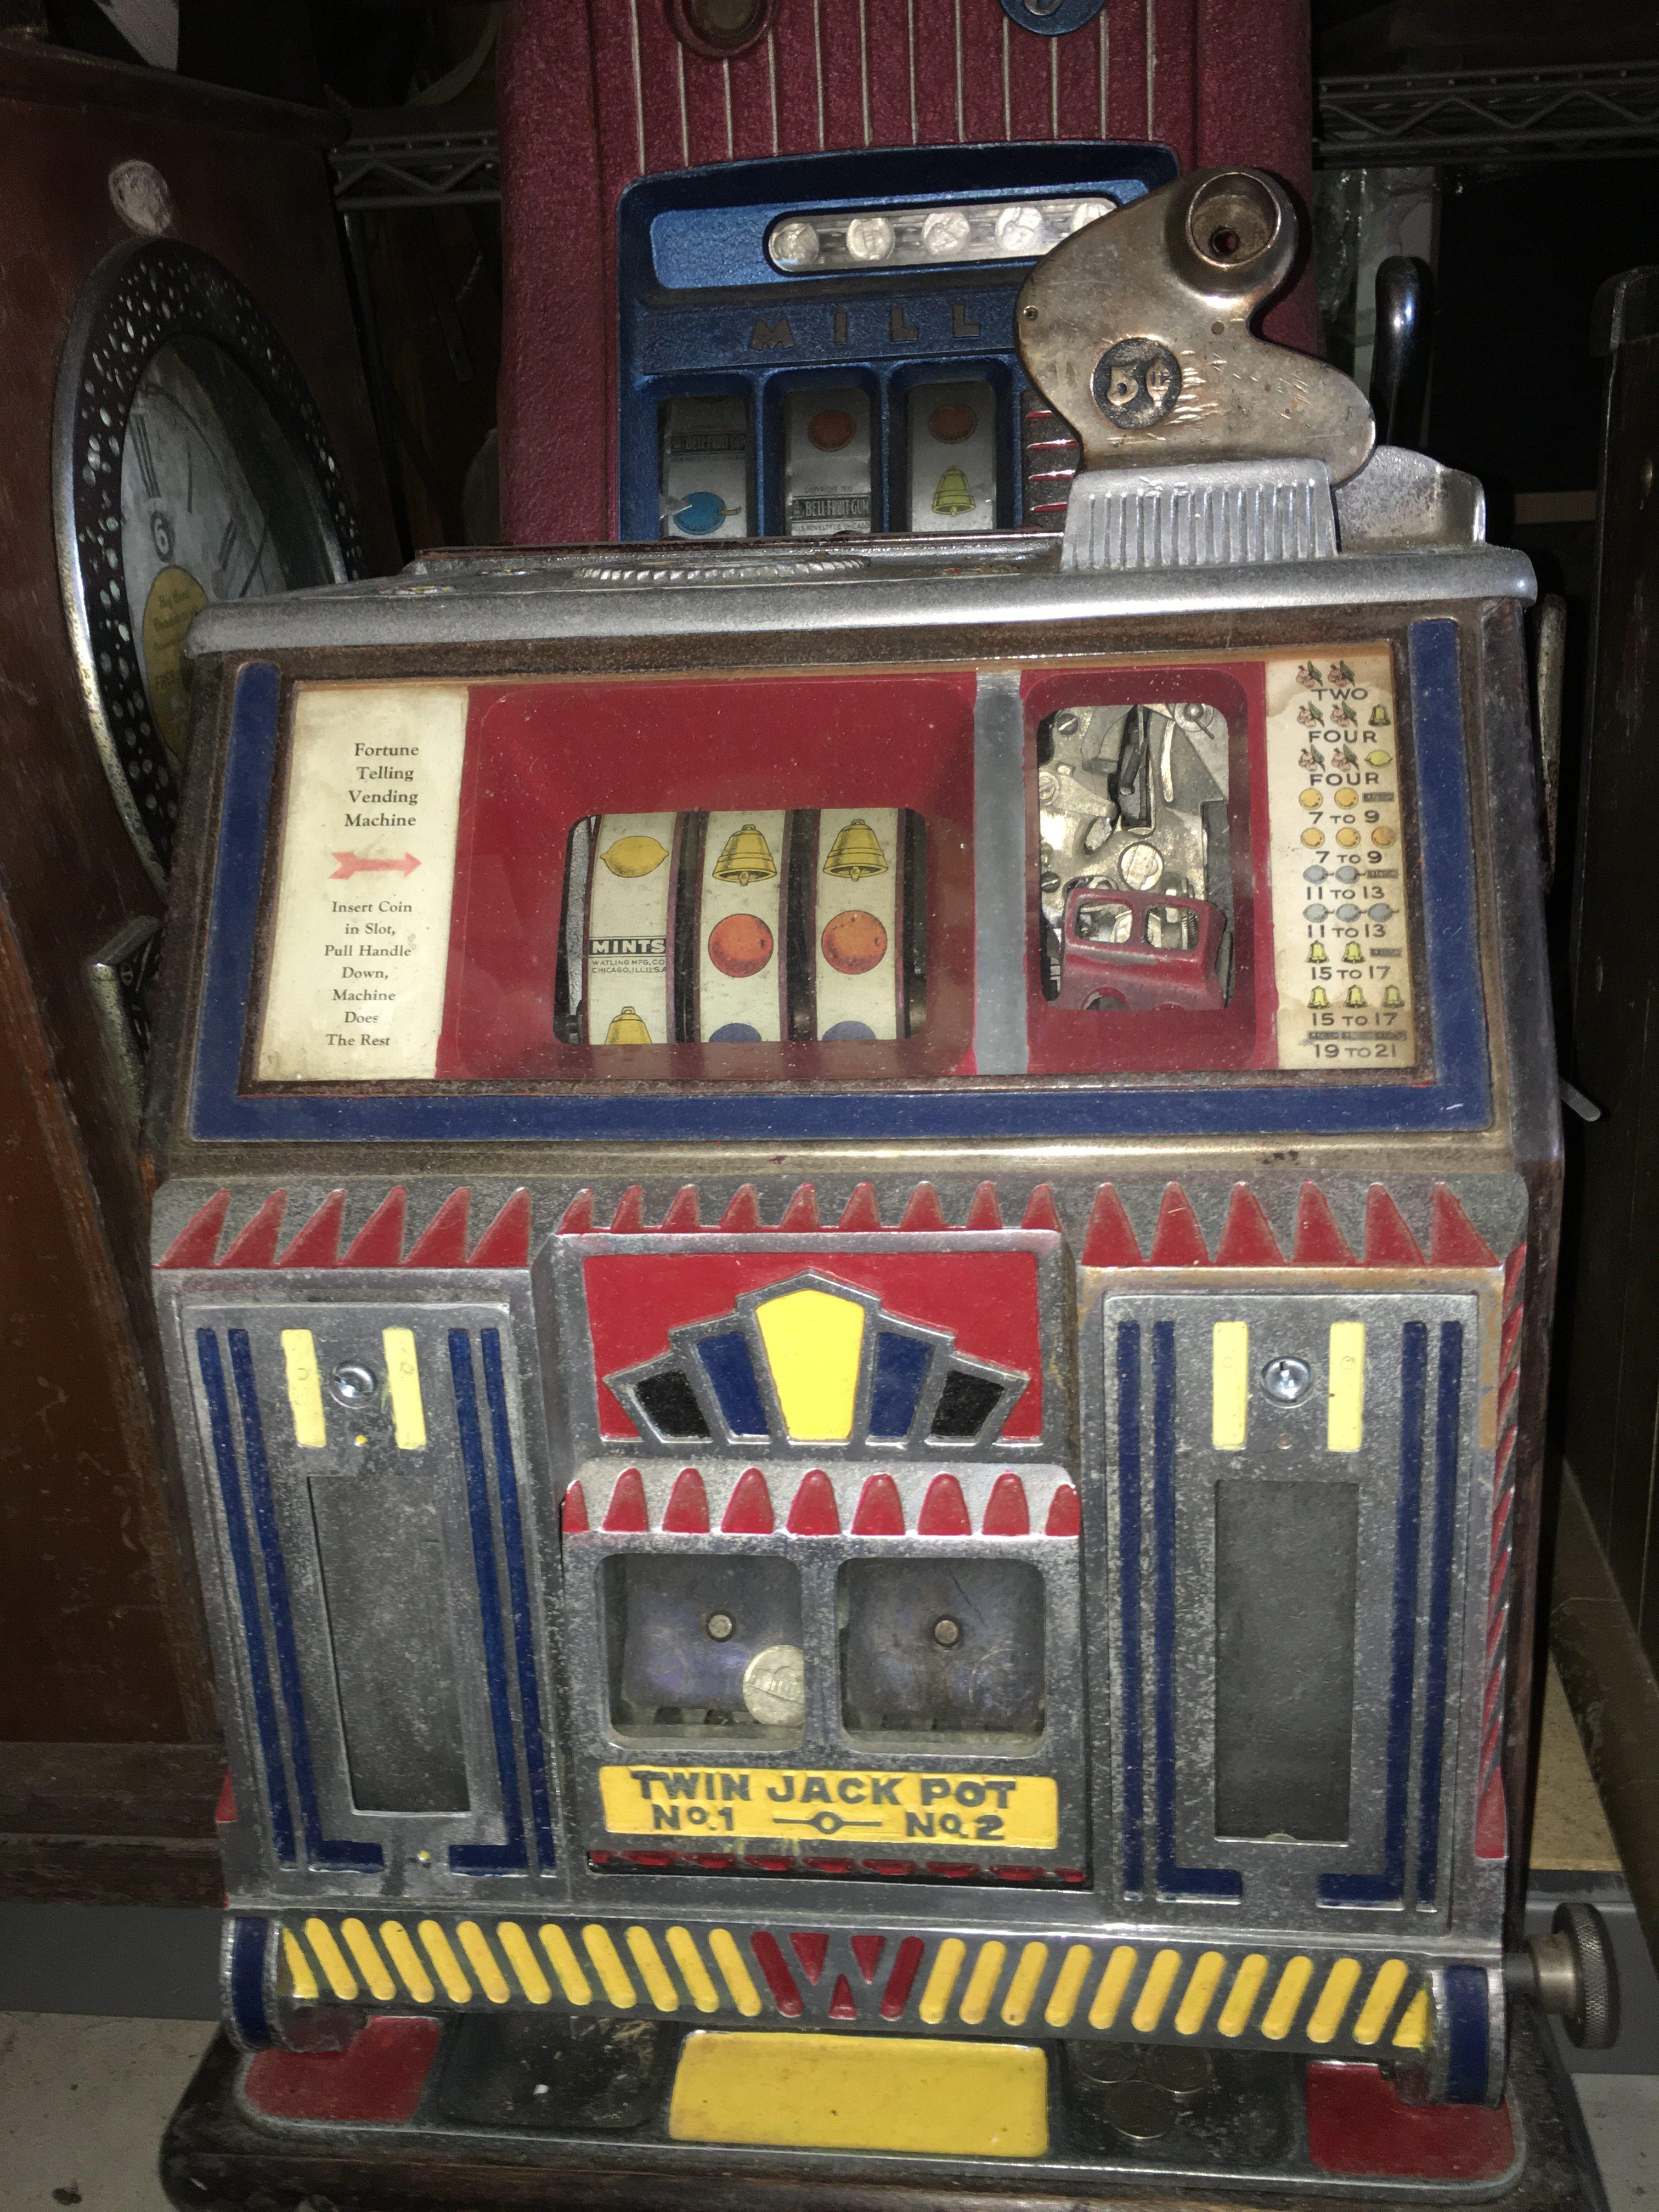 Best casino in las vegas to play slots